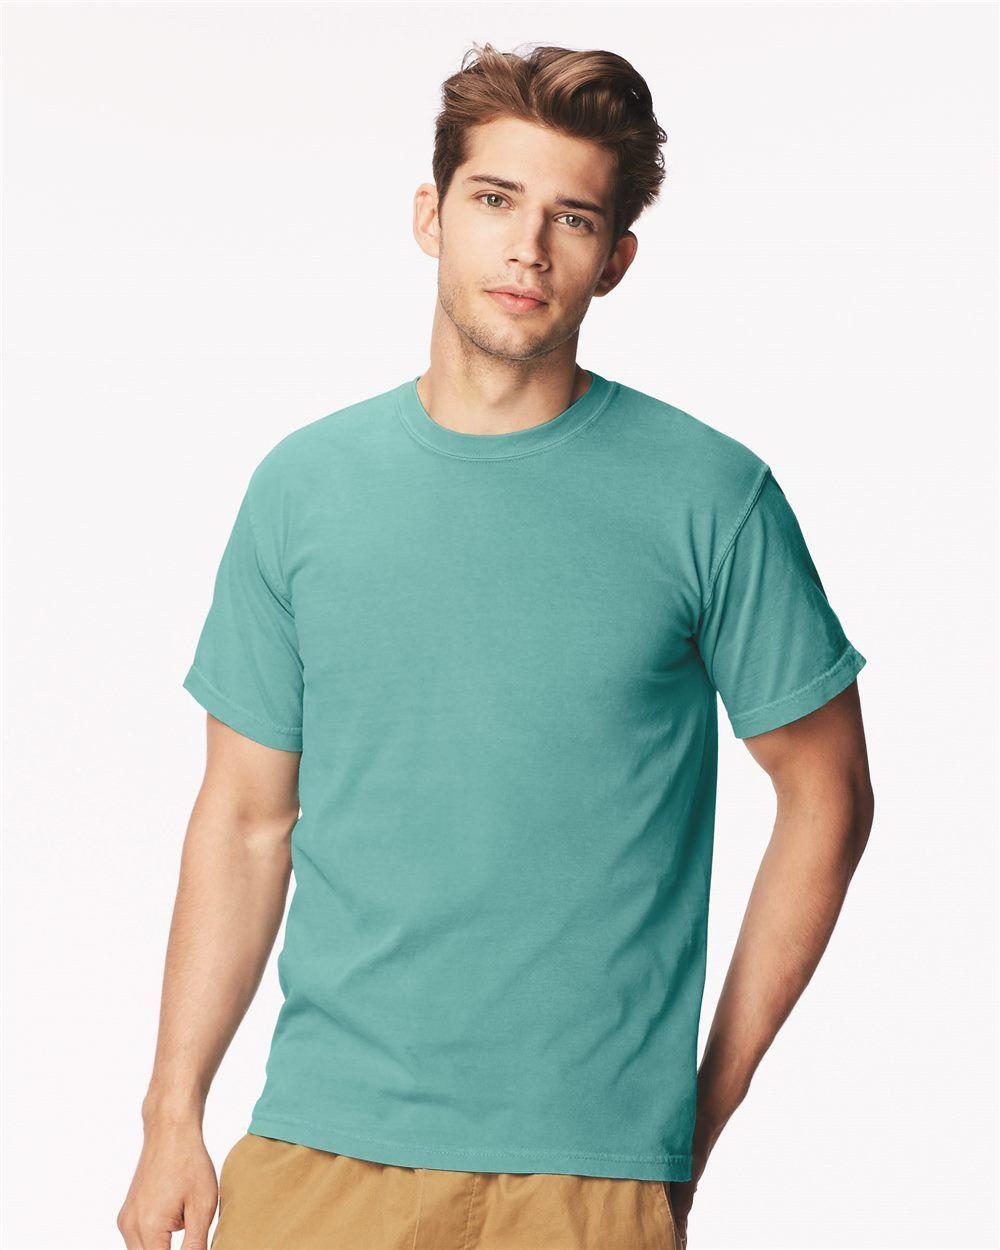 ba75a6cd Comfort Colors - Garment Dyed Heavyweight Ringspun Short Sleeve Shirt - 1717